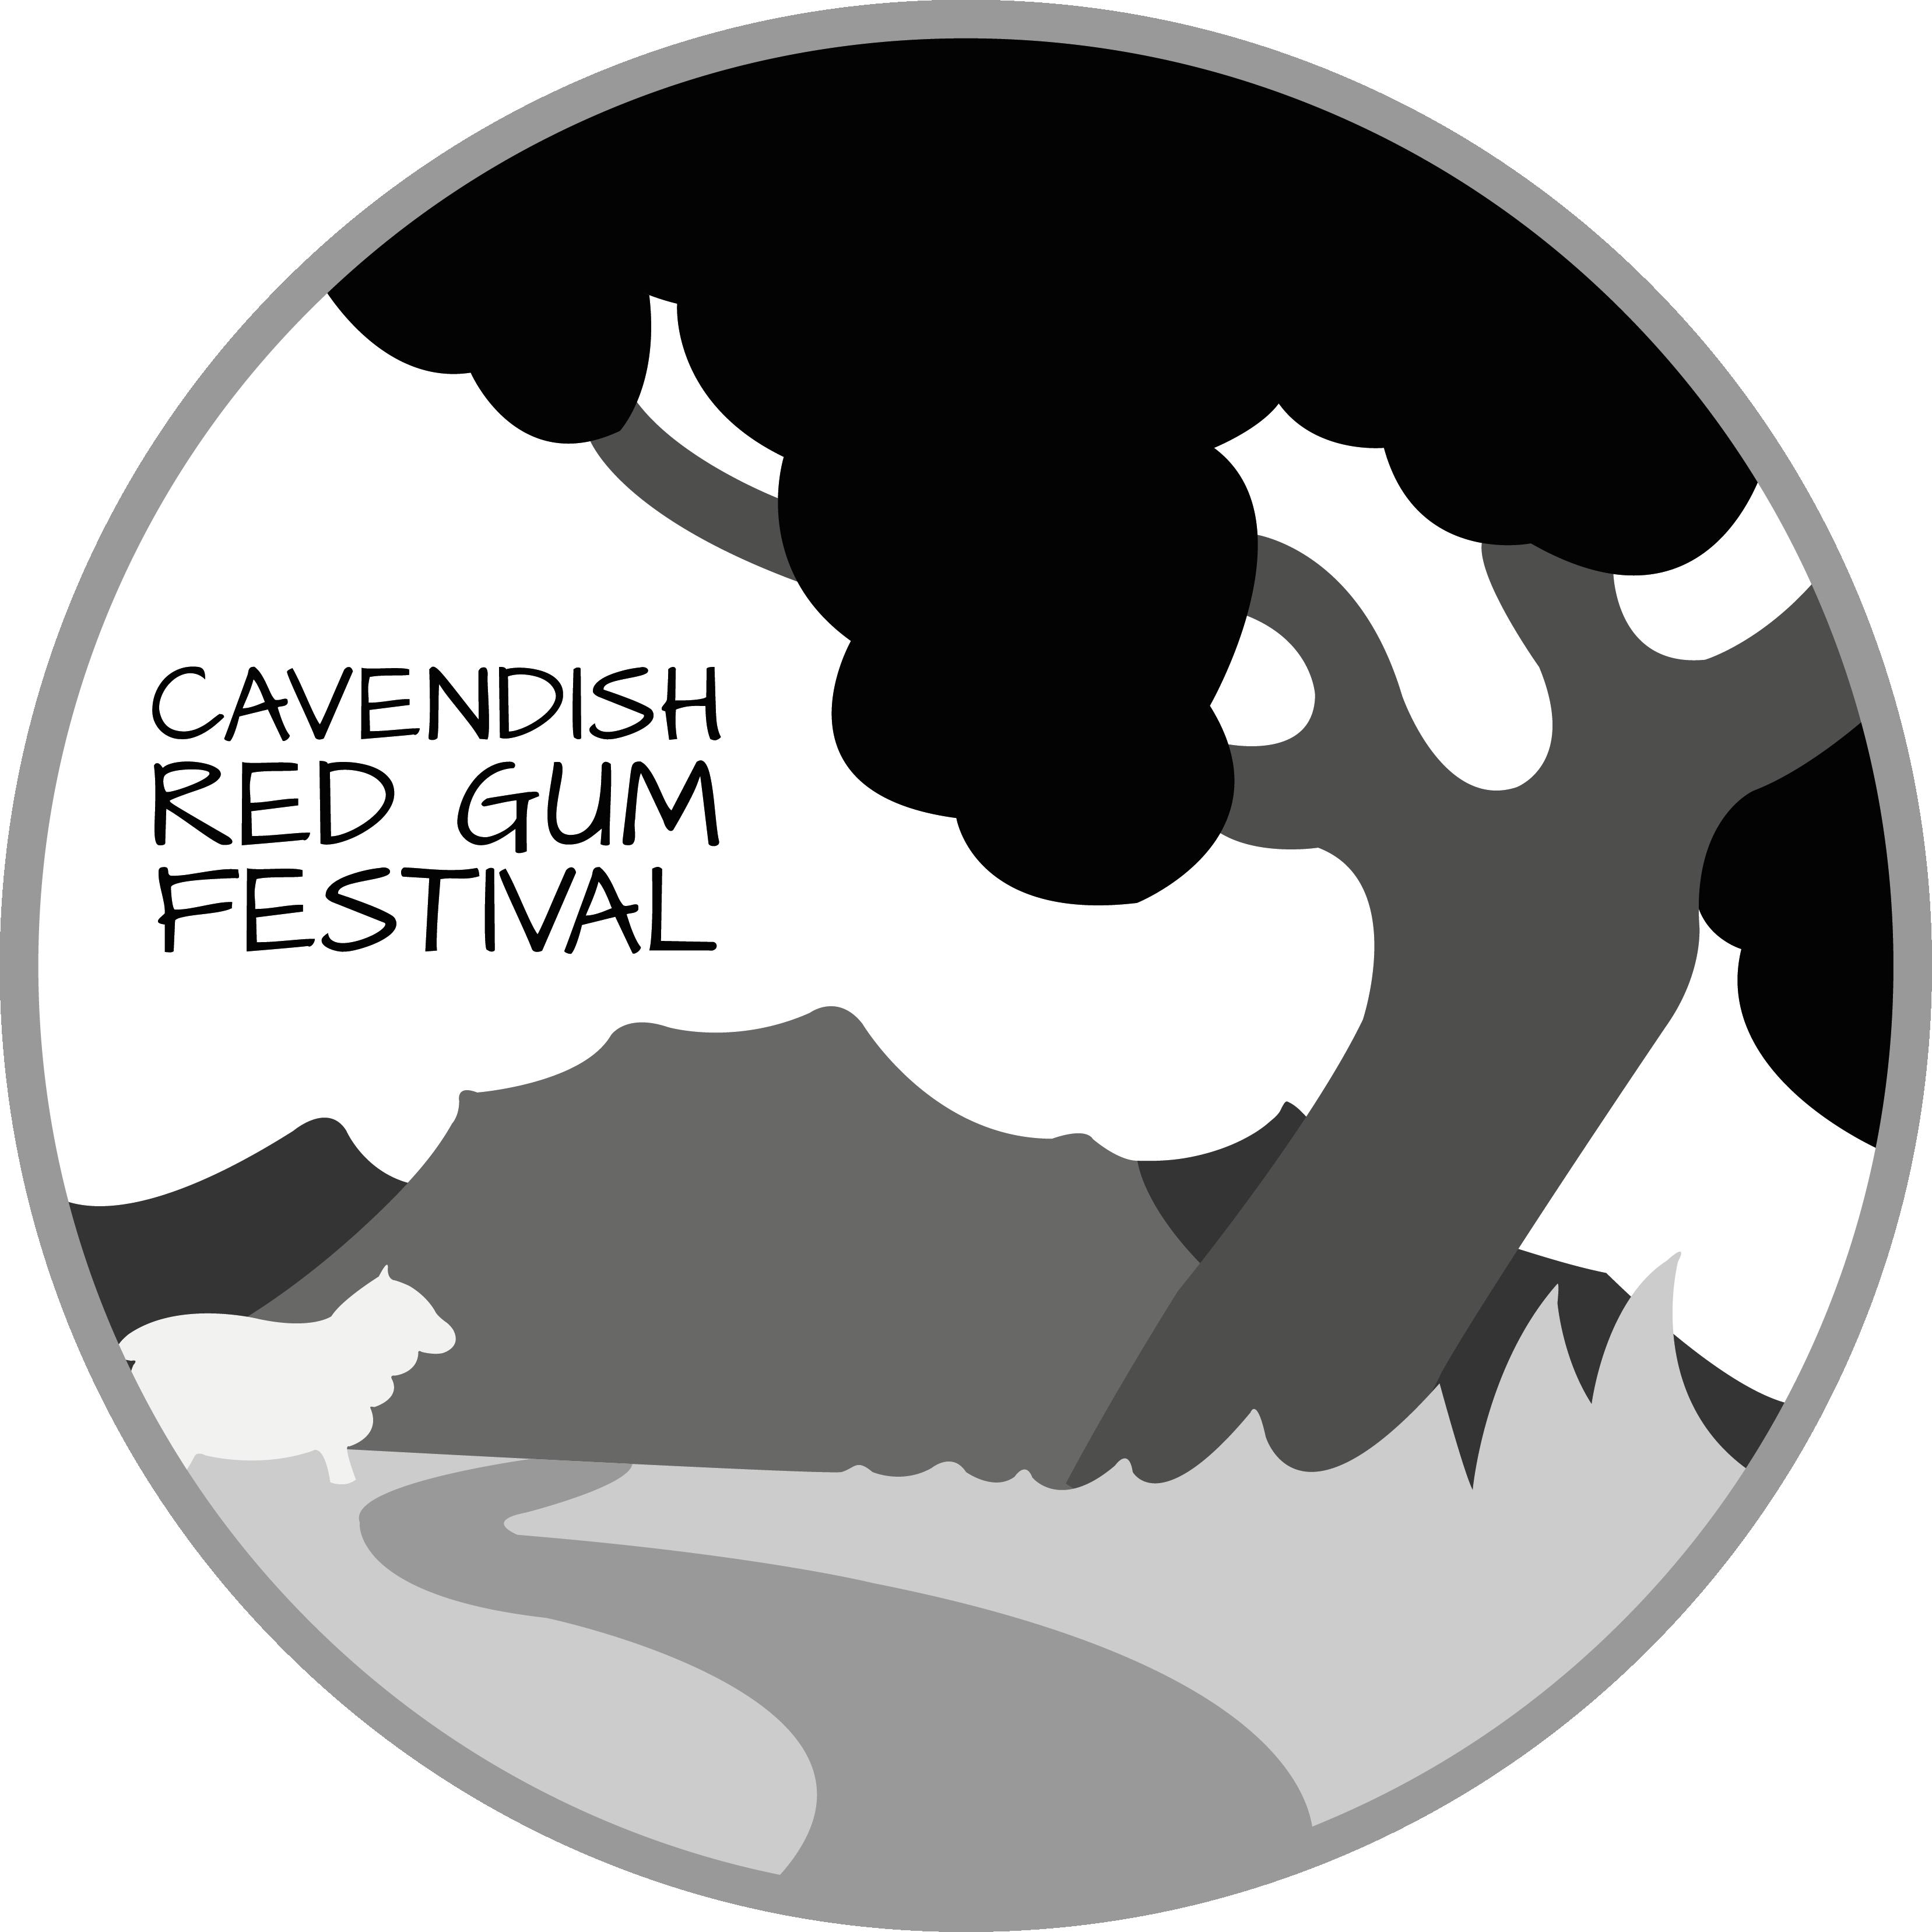 Cavendish Red Gum Festival 2020